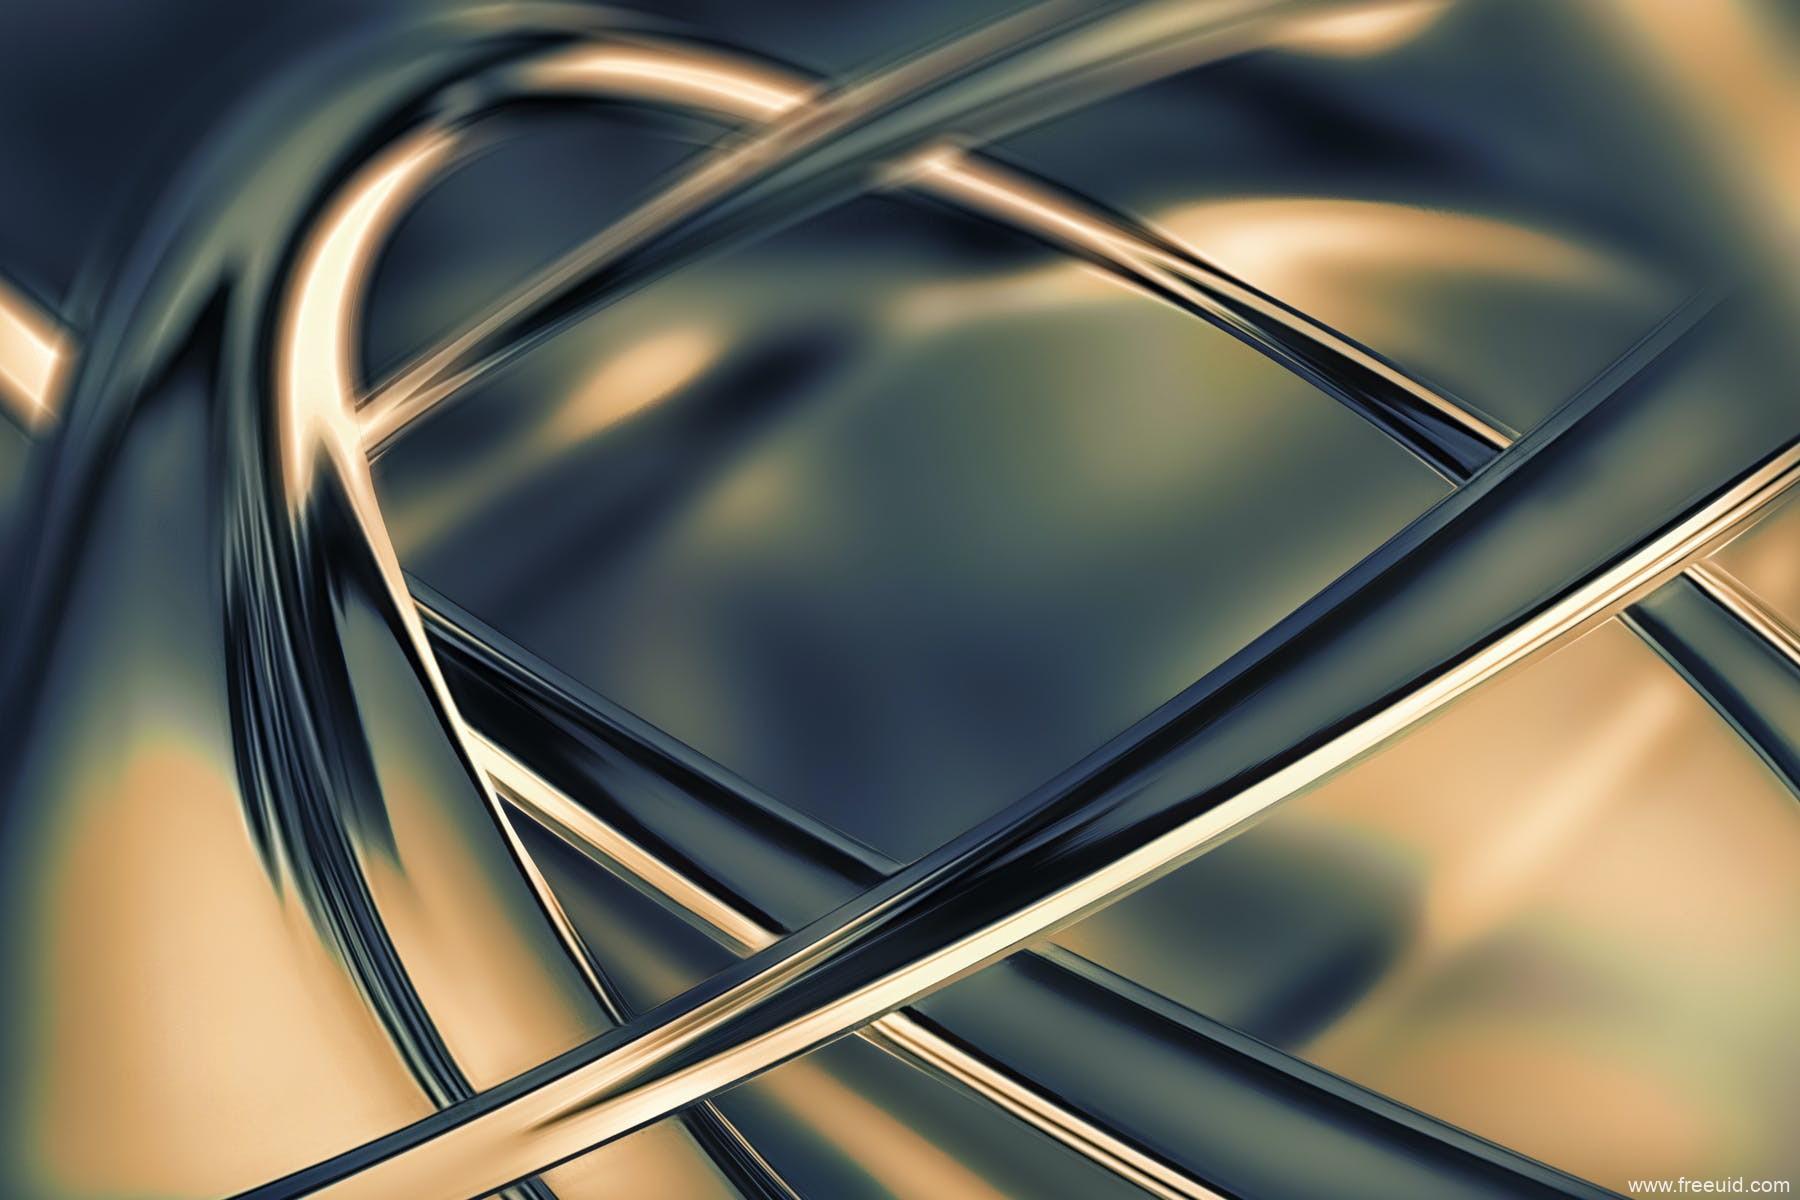 抽象铬金属质感高清背景图素材